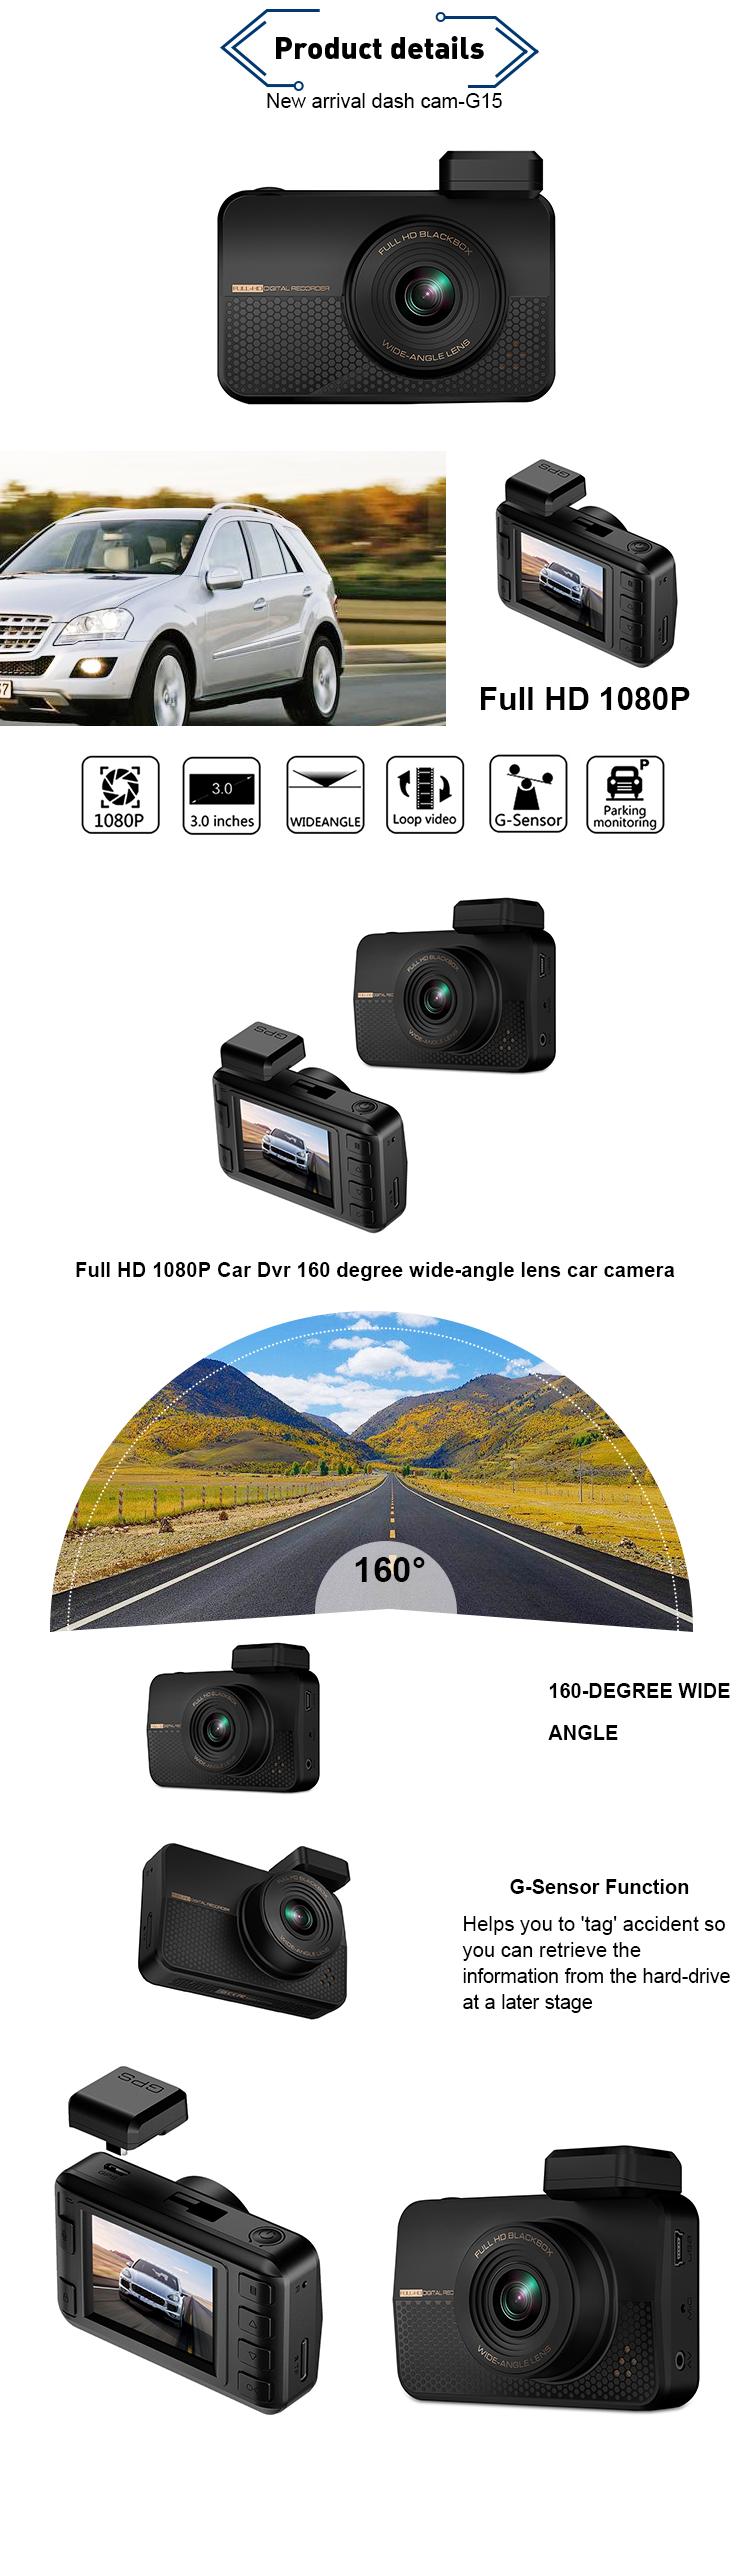 ダッシュカム FHD 1080 1080p 車のブラックボックス GPS の追跡ダッシュカムレコーダーユーザーマニュアルフル hd 1080 1080p 車カメラ